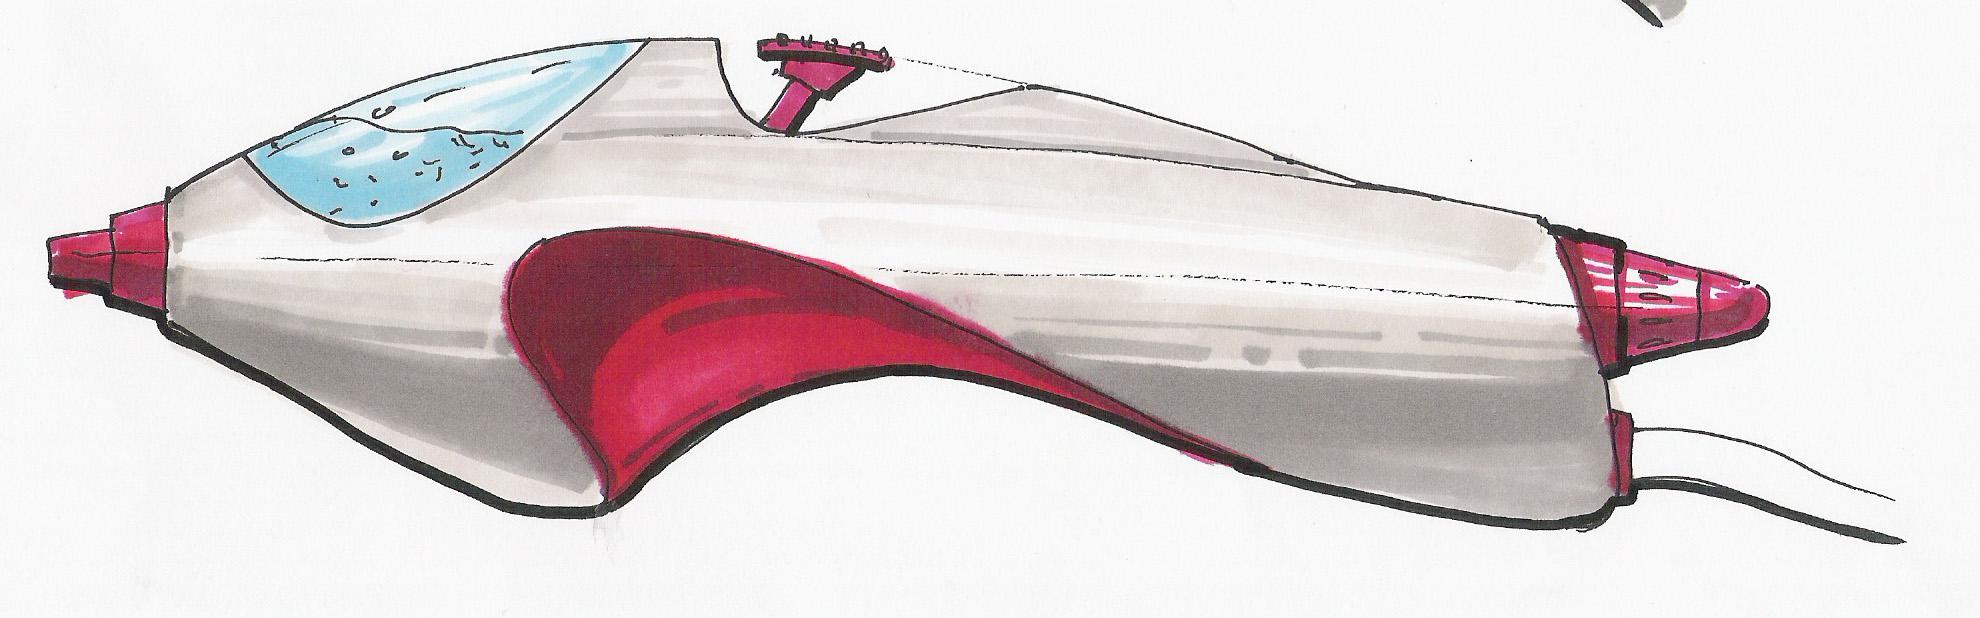 Hand sketched design concept.